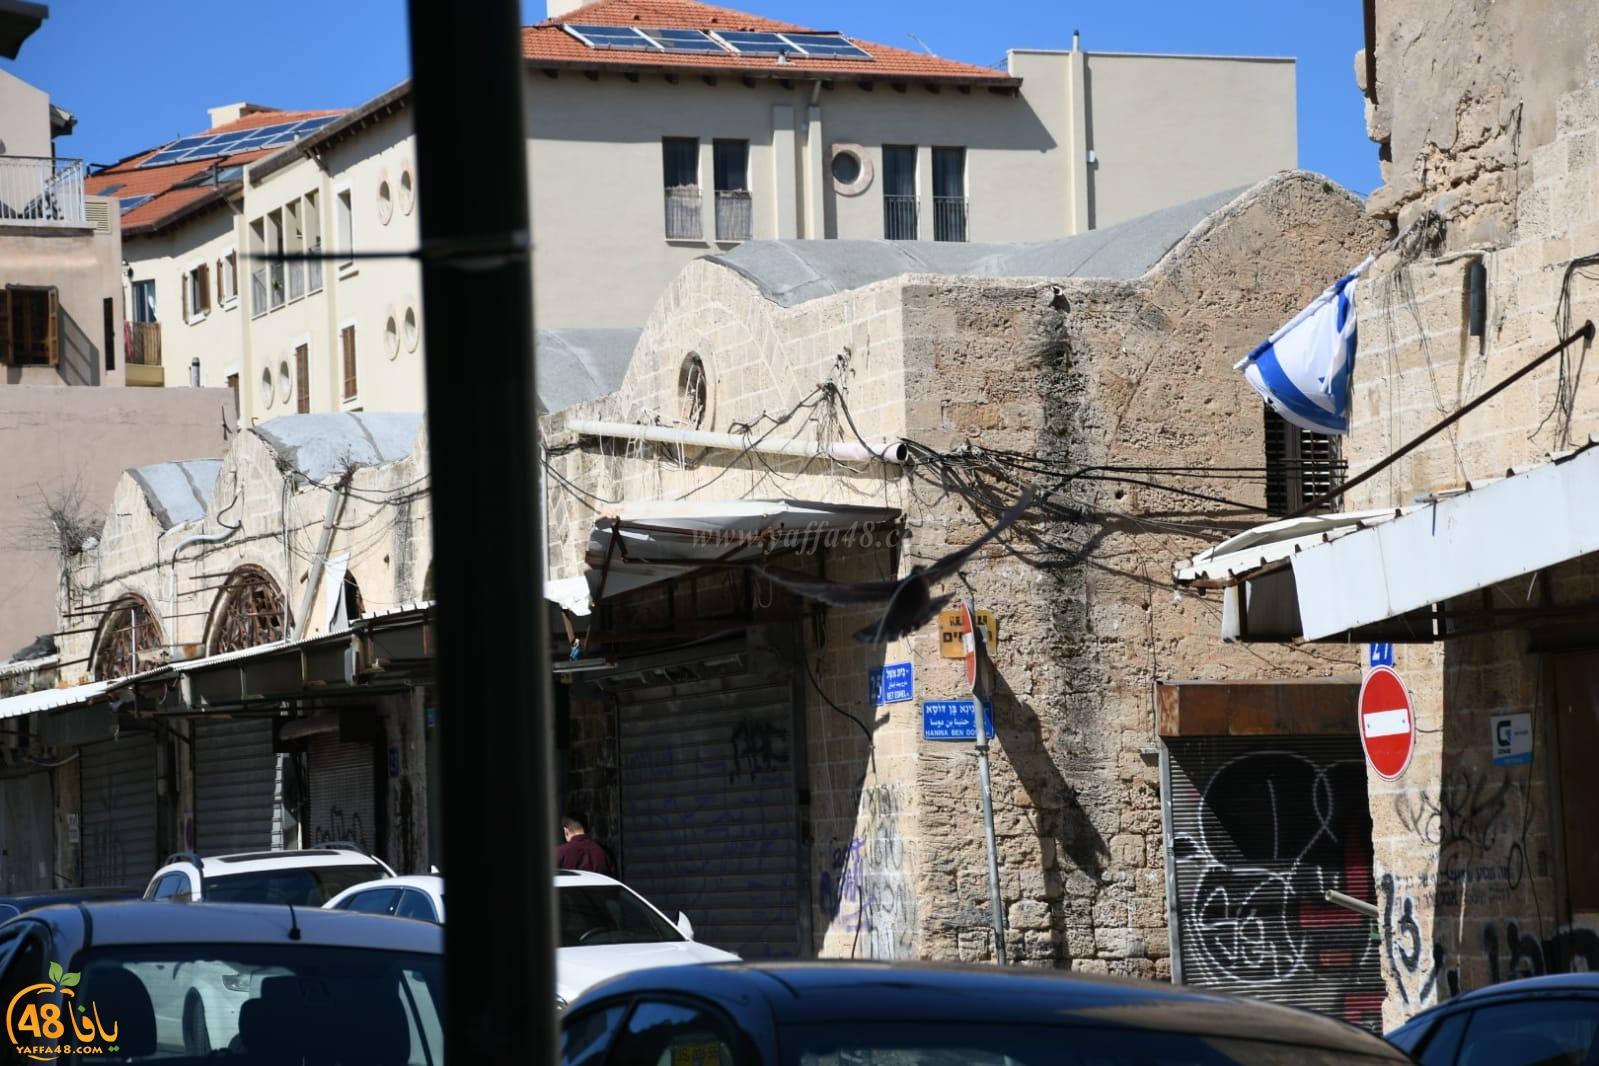 بالصور: صديق الموقع يُوثّق مراحل بناء حمامة لعشها في يافا